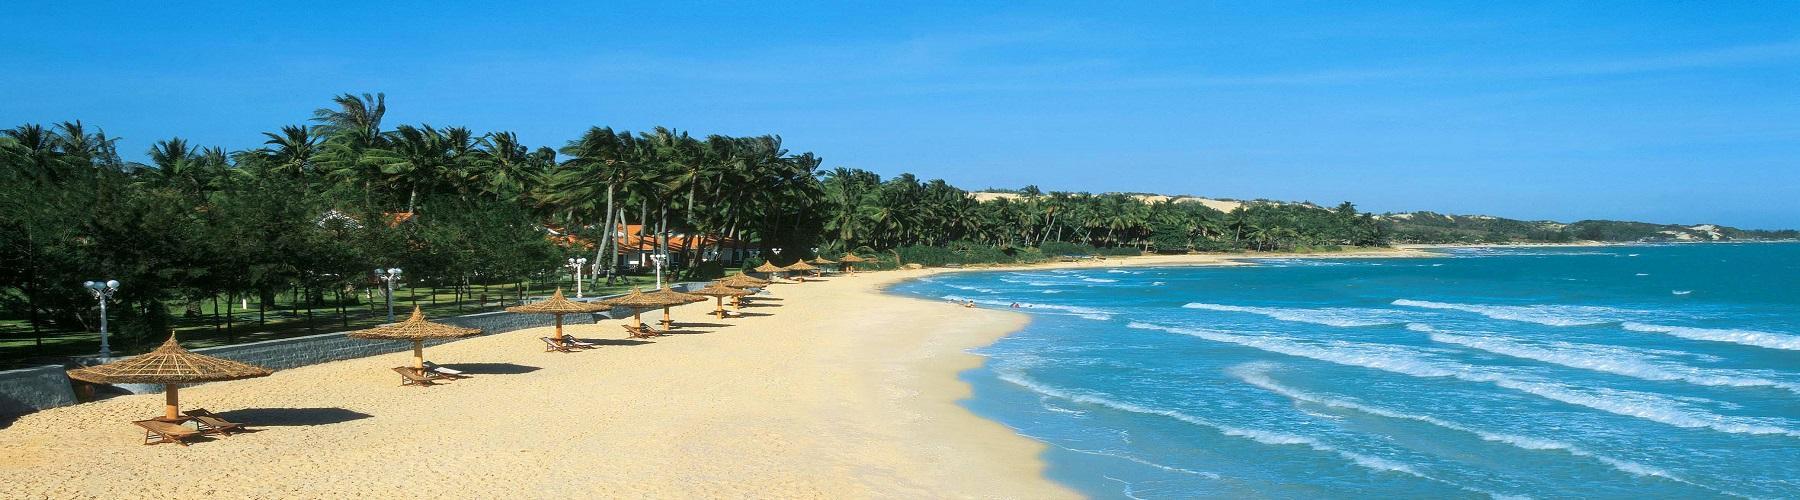 Информация о Вьетнаме для путешественников